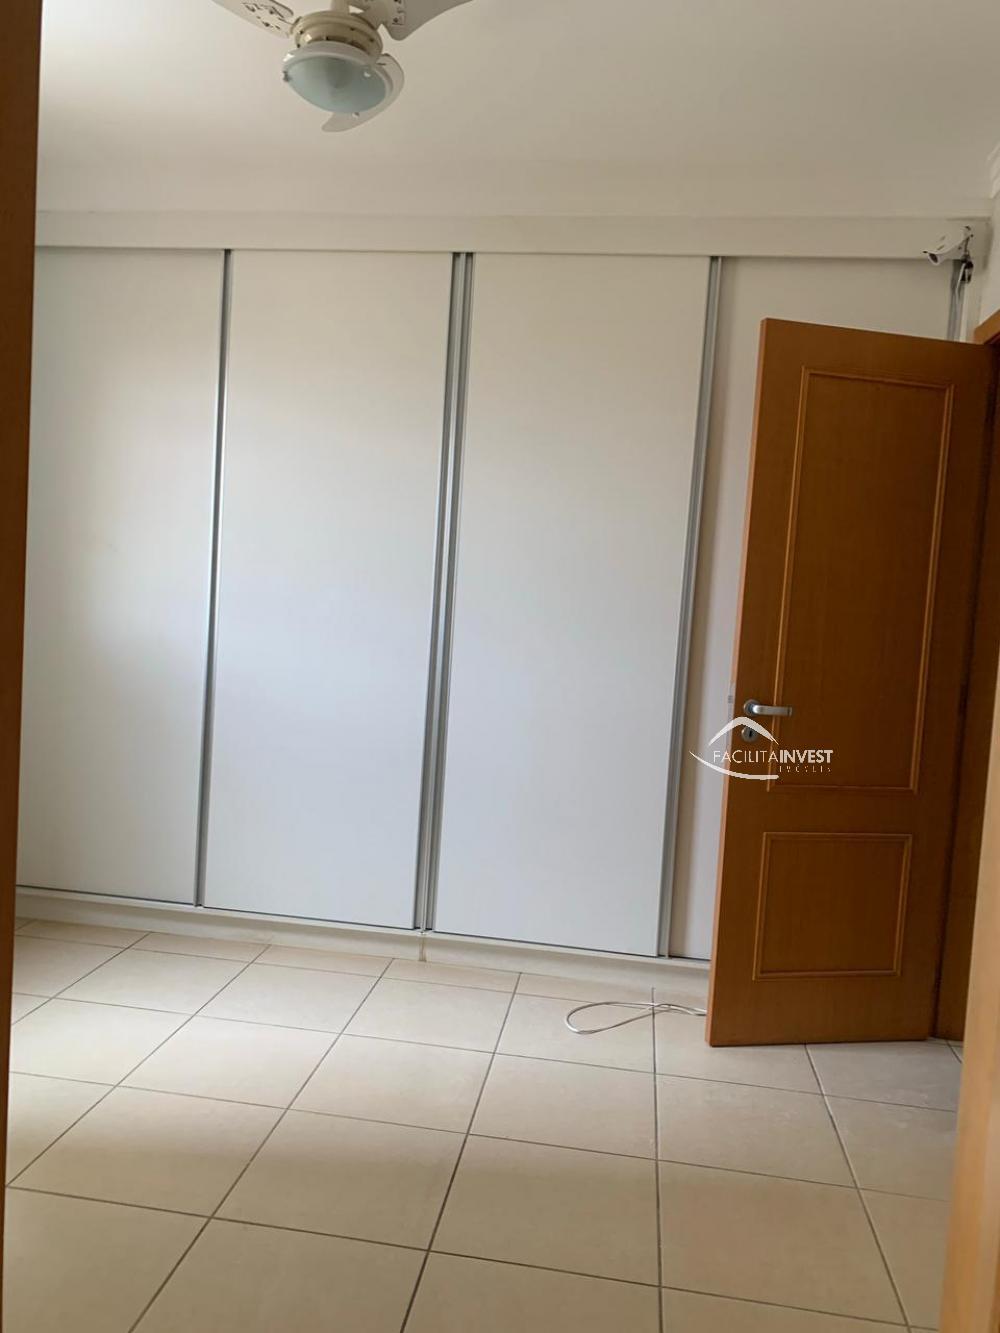 Alugar Apartamentos / Apart. Padrão em Ribeirão Preto R$ 2.800,00 - Foto 14